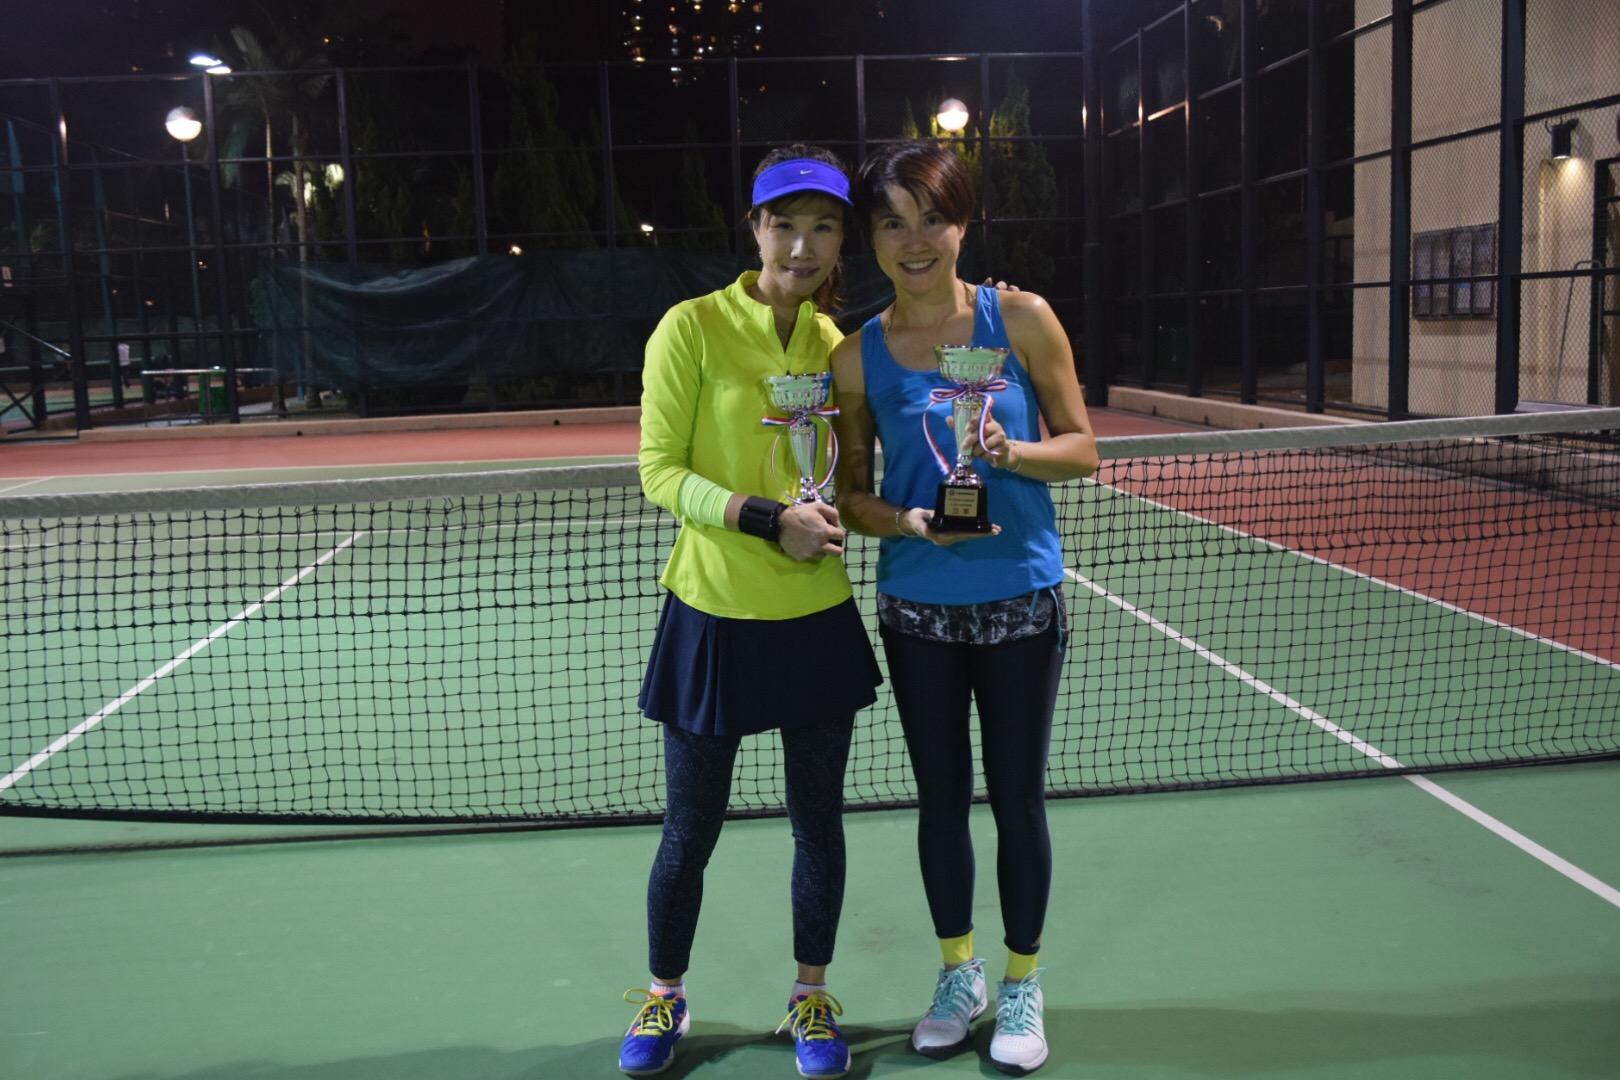 1st Runner Up : Karen & Corinna